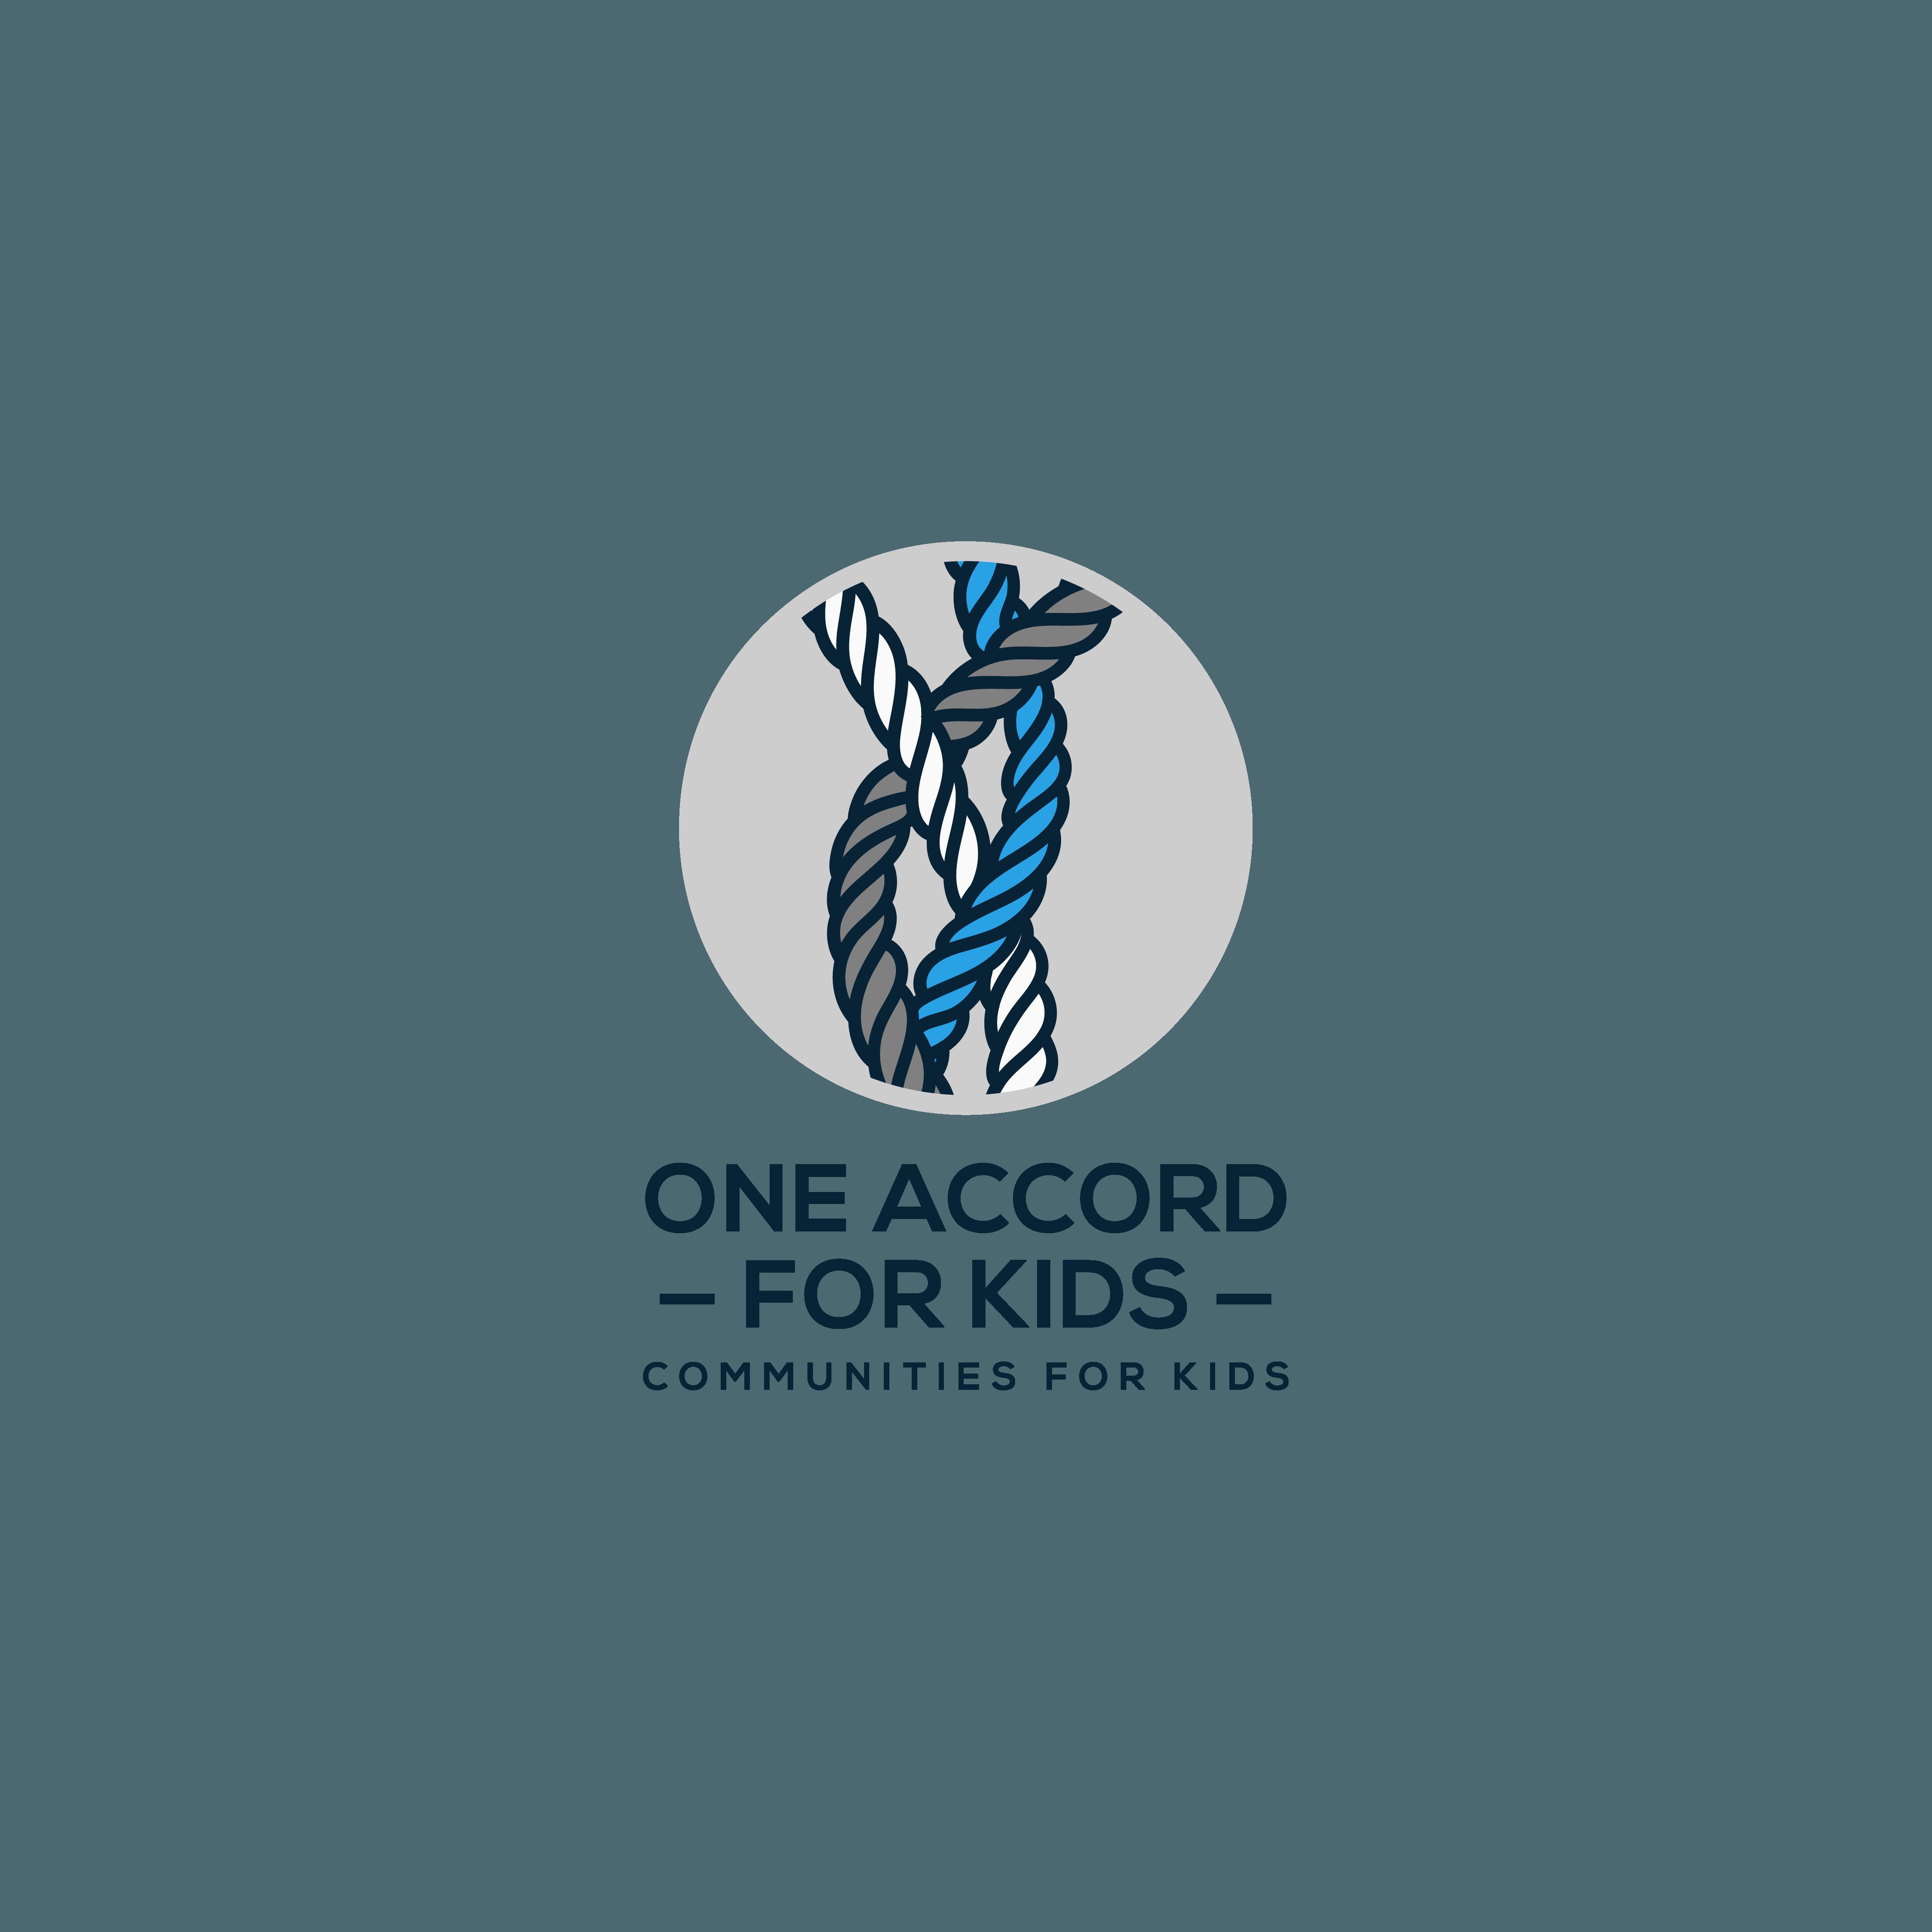 One Accord for Kids (OAK)